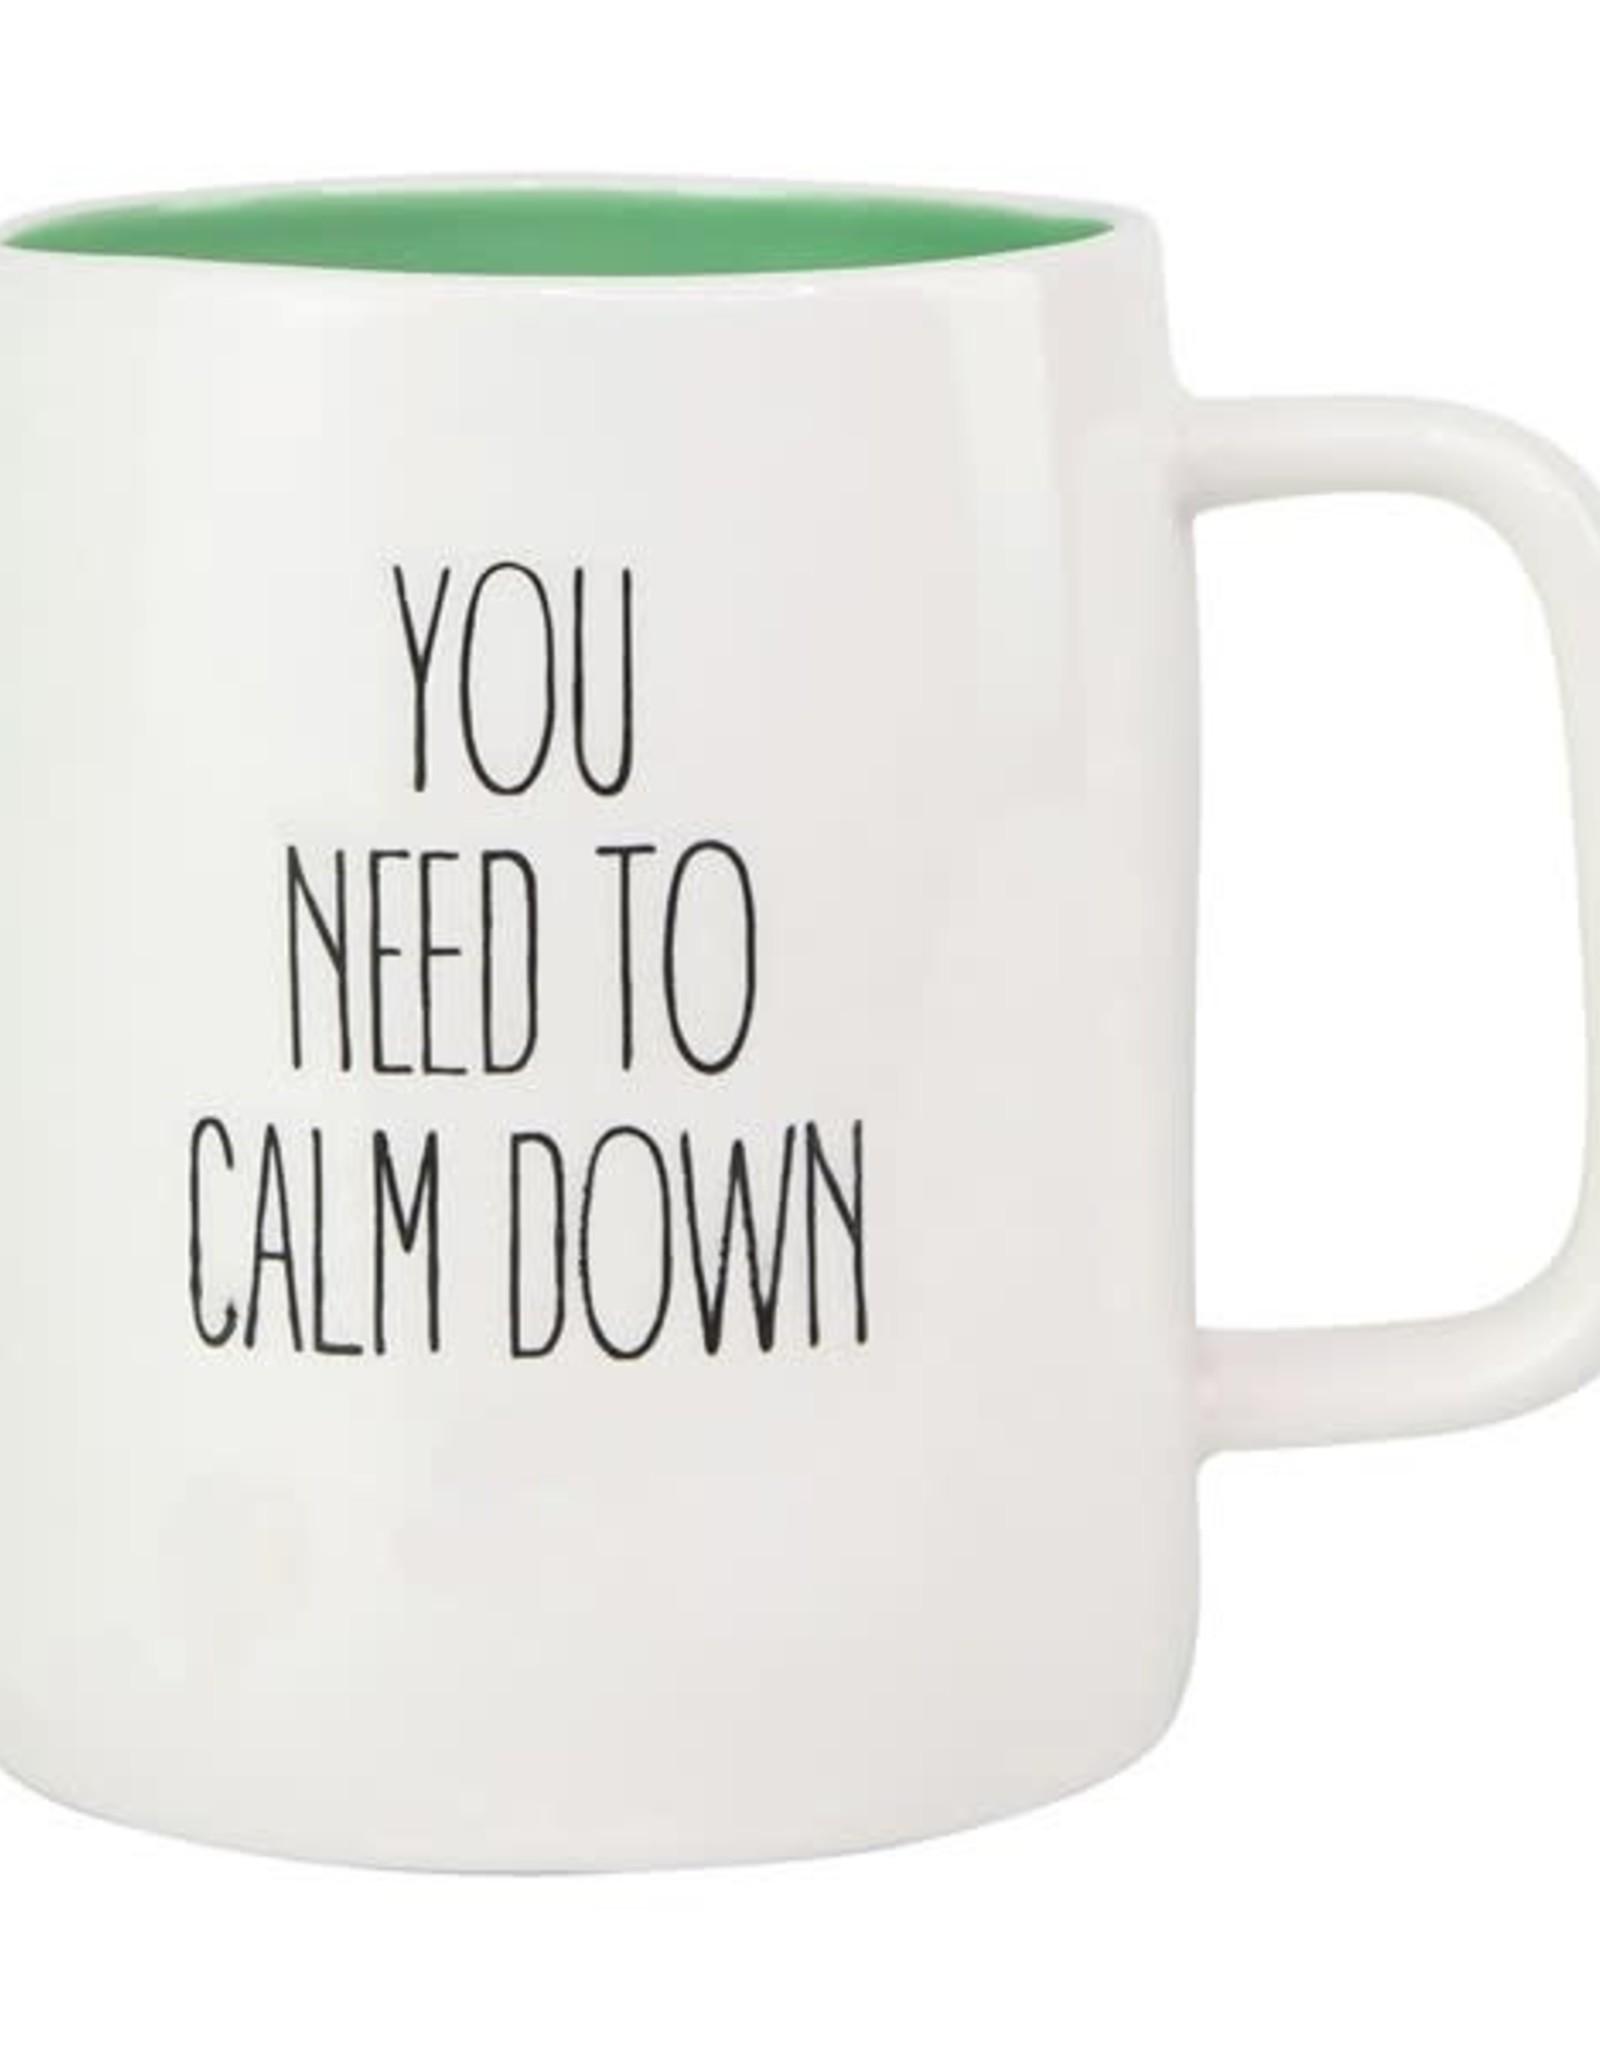 Mary Square Mug Calm Down